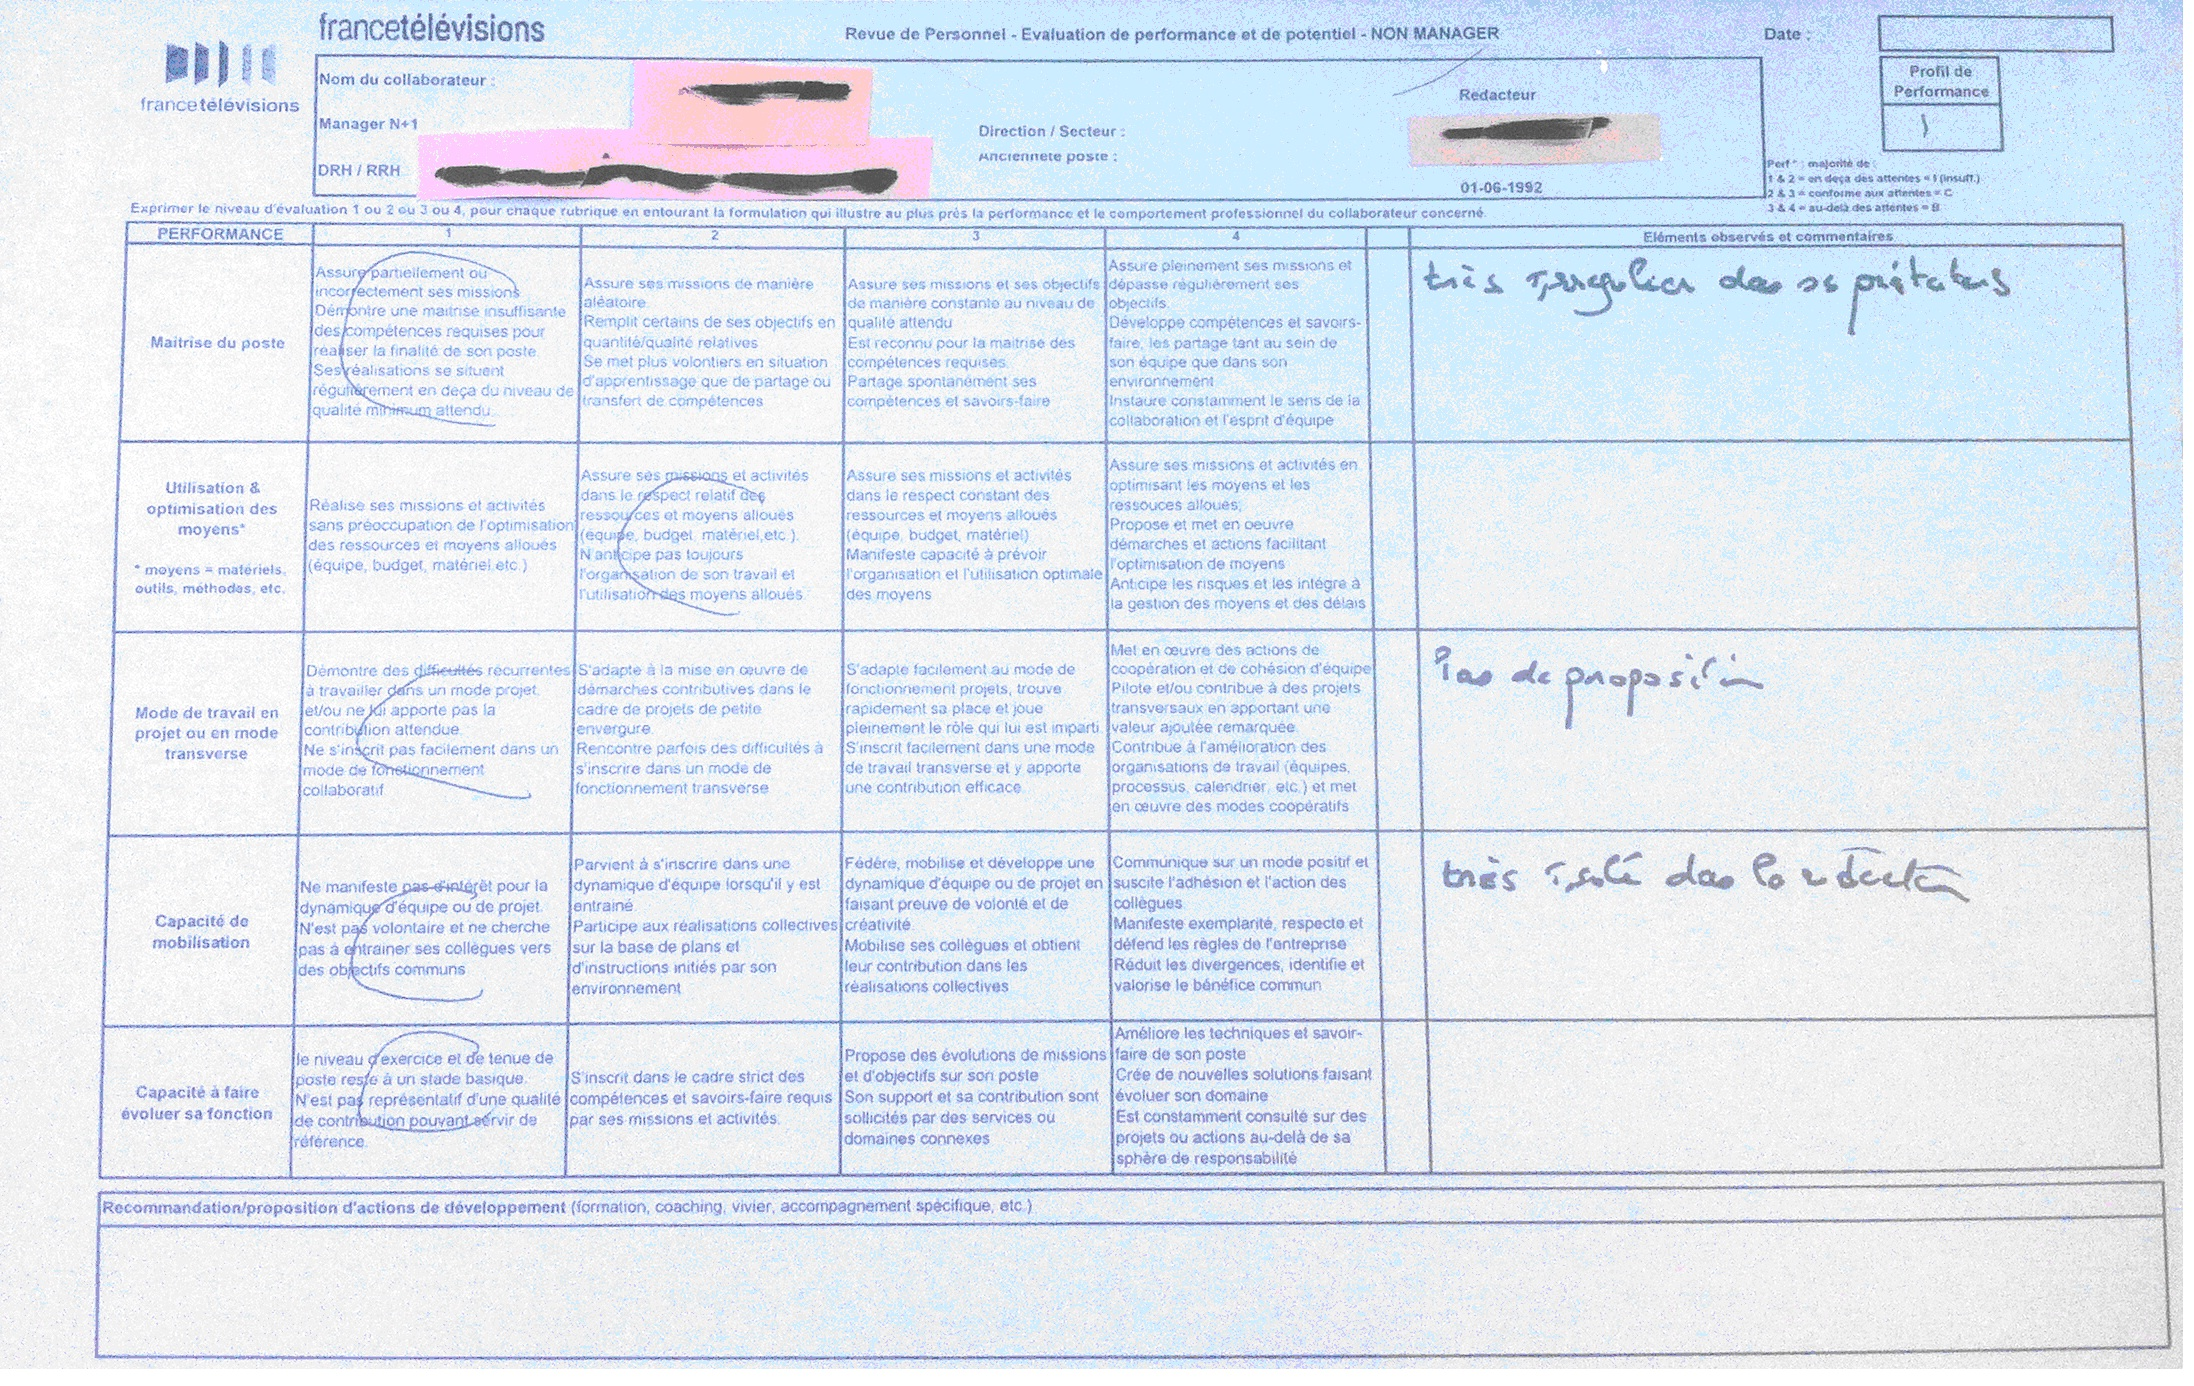 photo revue du personnel - évaluation de performance et de potentiel non manager